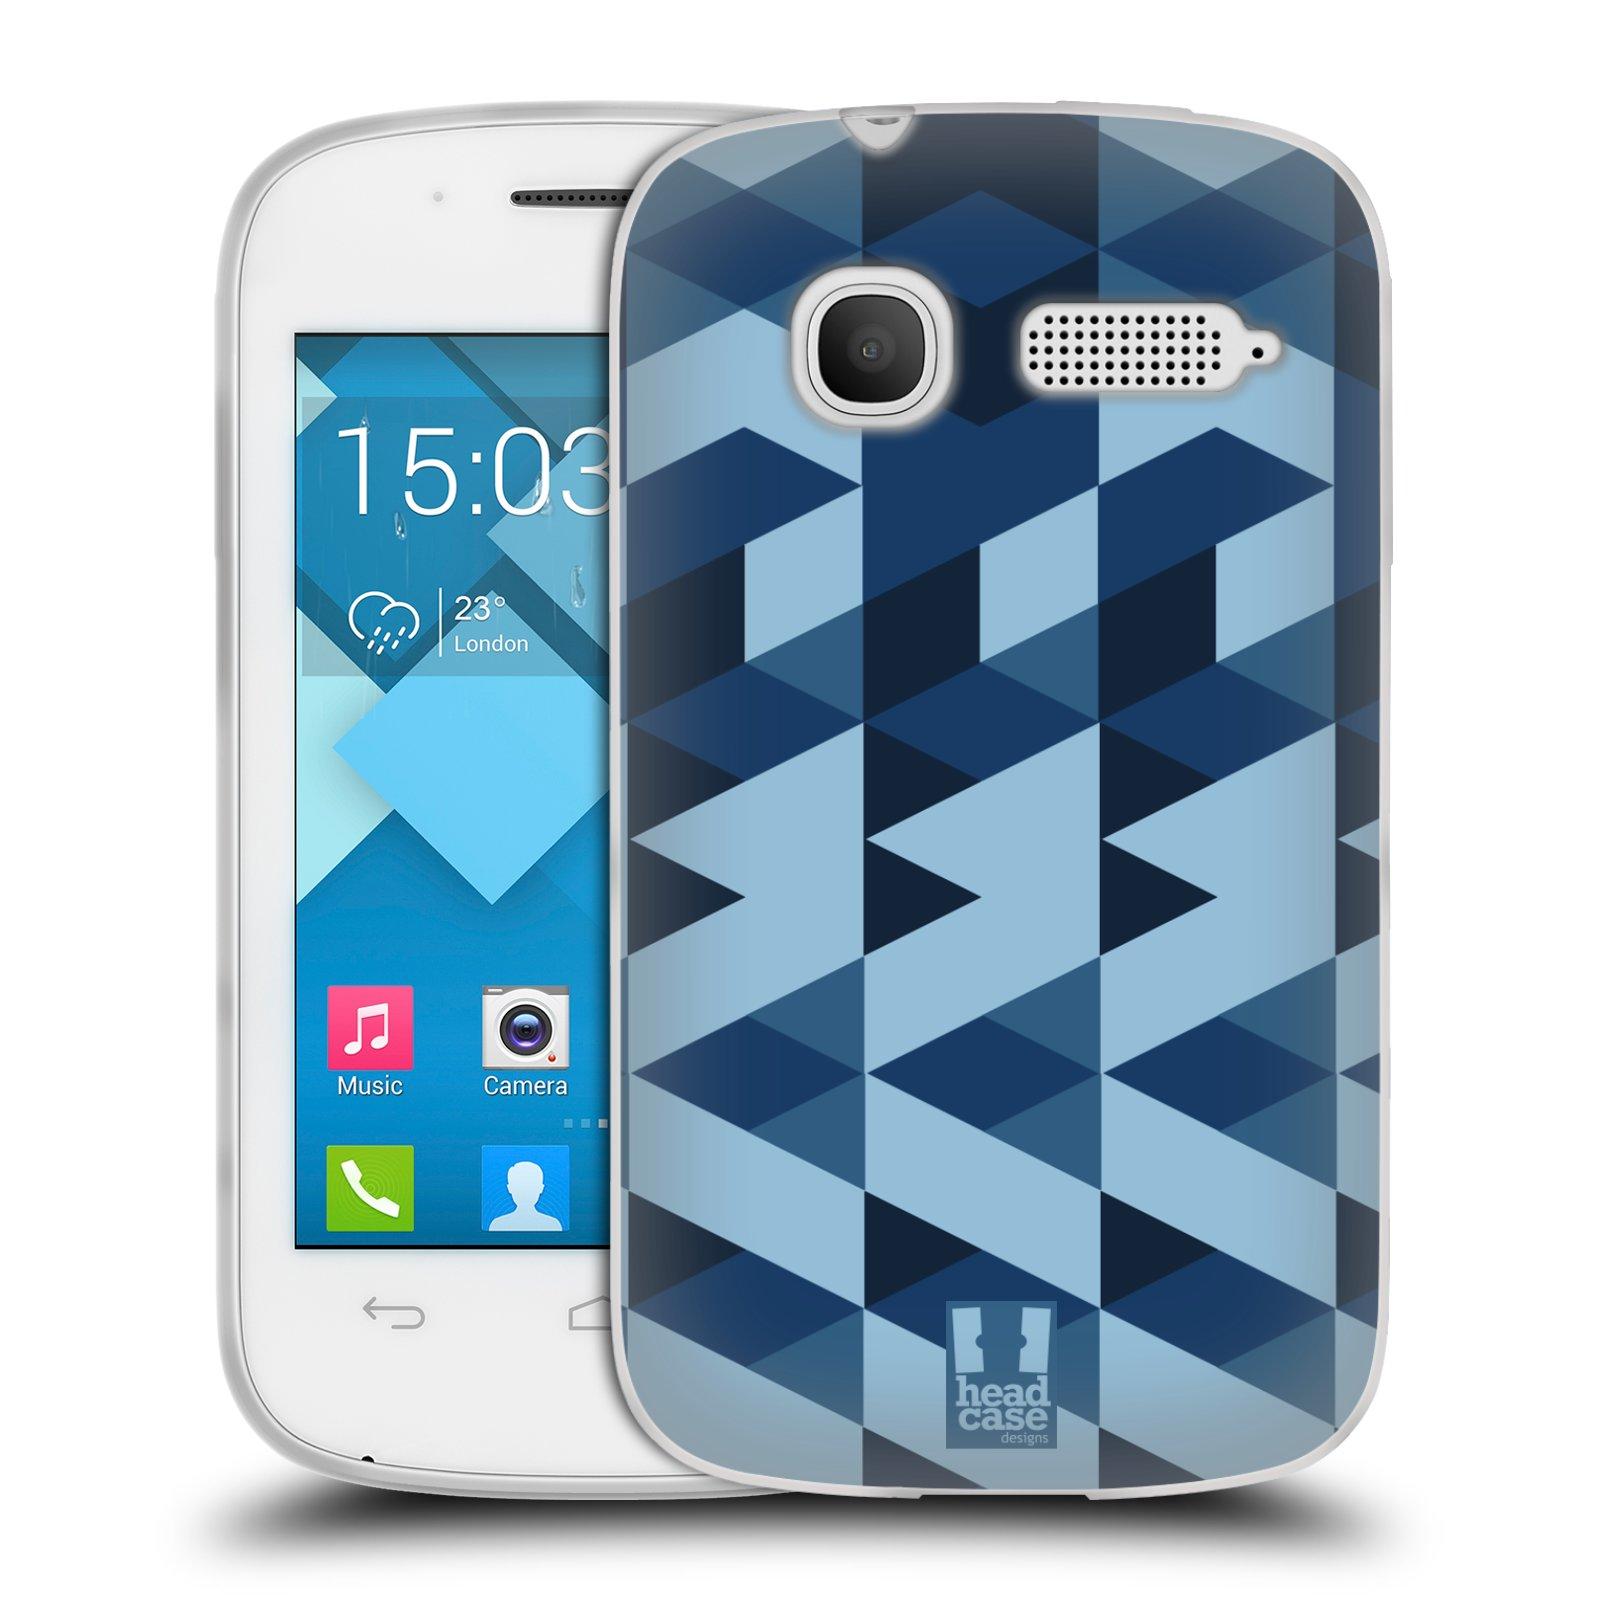 Silikonové pouzdro na mobil Alcatel One Touch Pop C1 HEAD CASE GEOMETRIC BLUE (Silikonový kryt či obal na mobilní telefon Alcatel OT-4015D POP C1)